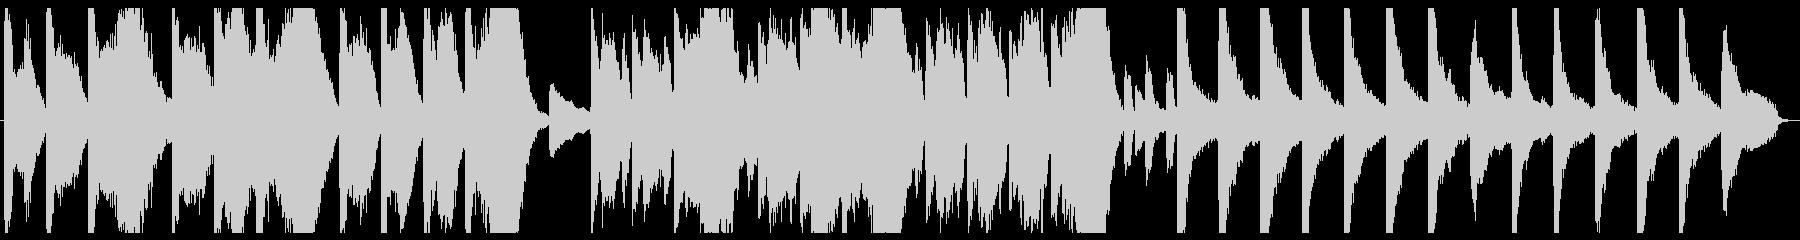 ピアノとストリングスによる荘厳な音楽の未再生の波形